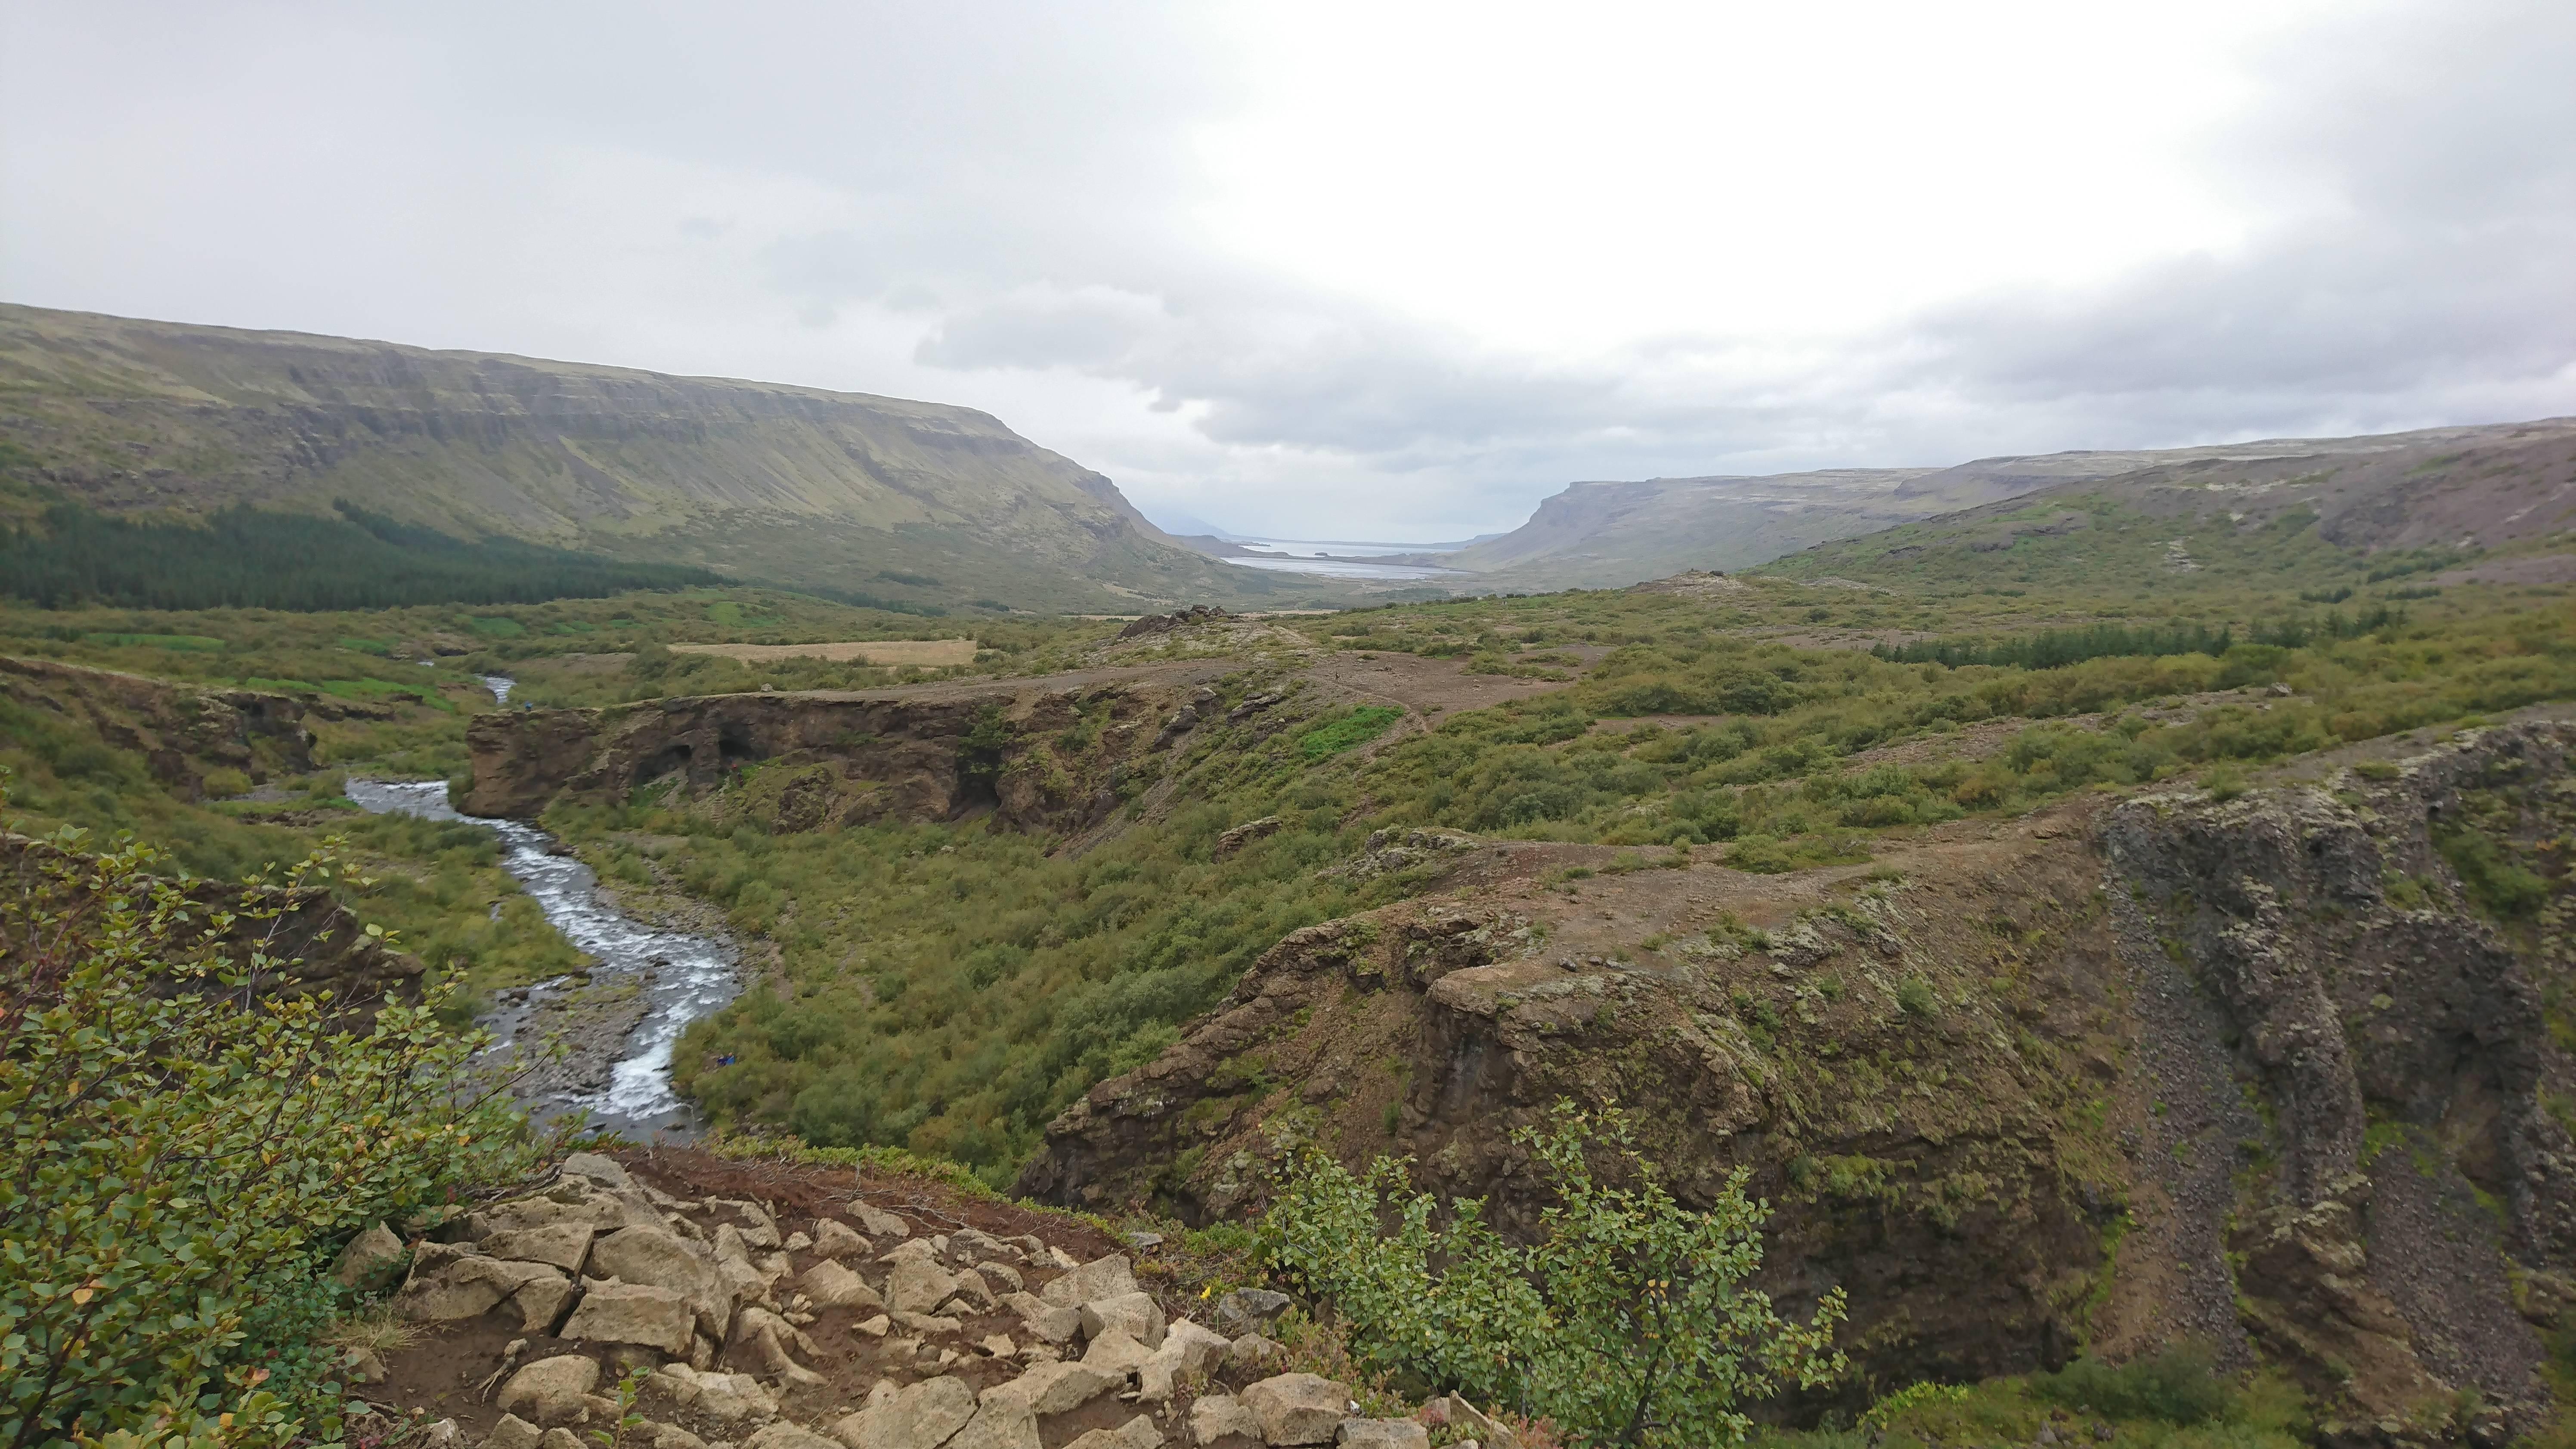 Photo 3: Glymur, une cascade bien cachée !